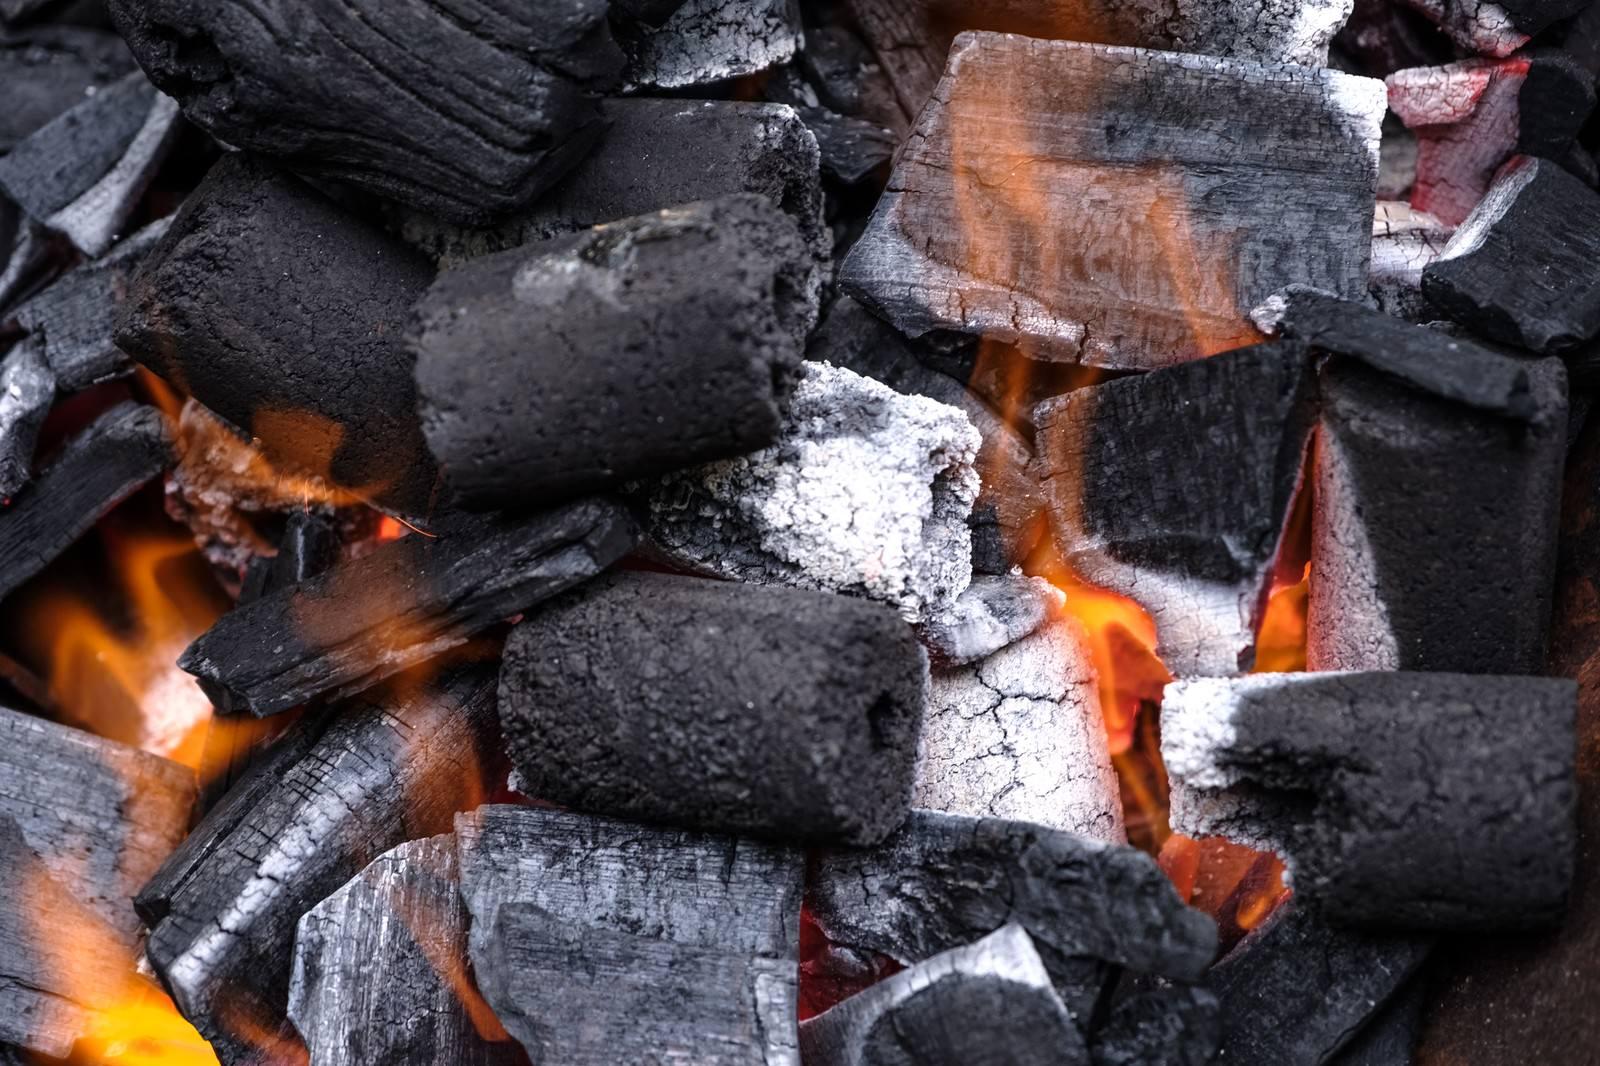 「加熱中のBBQ用の炭加熱中のBBQ用の炭」のフリー写真素材を拡大